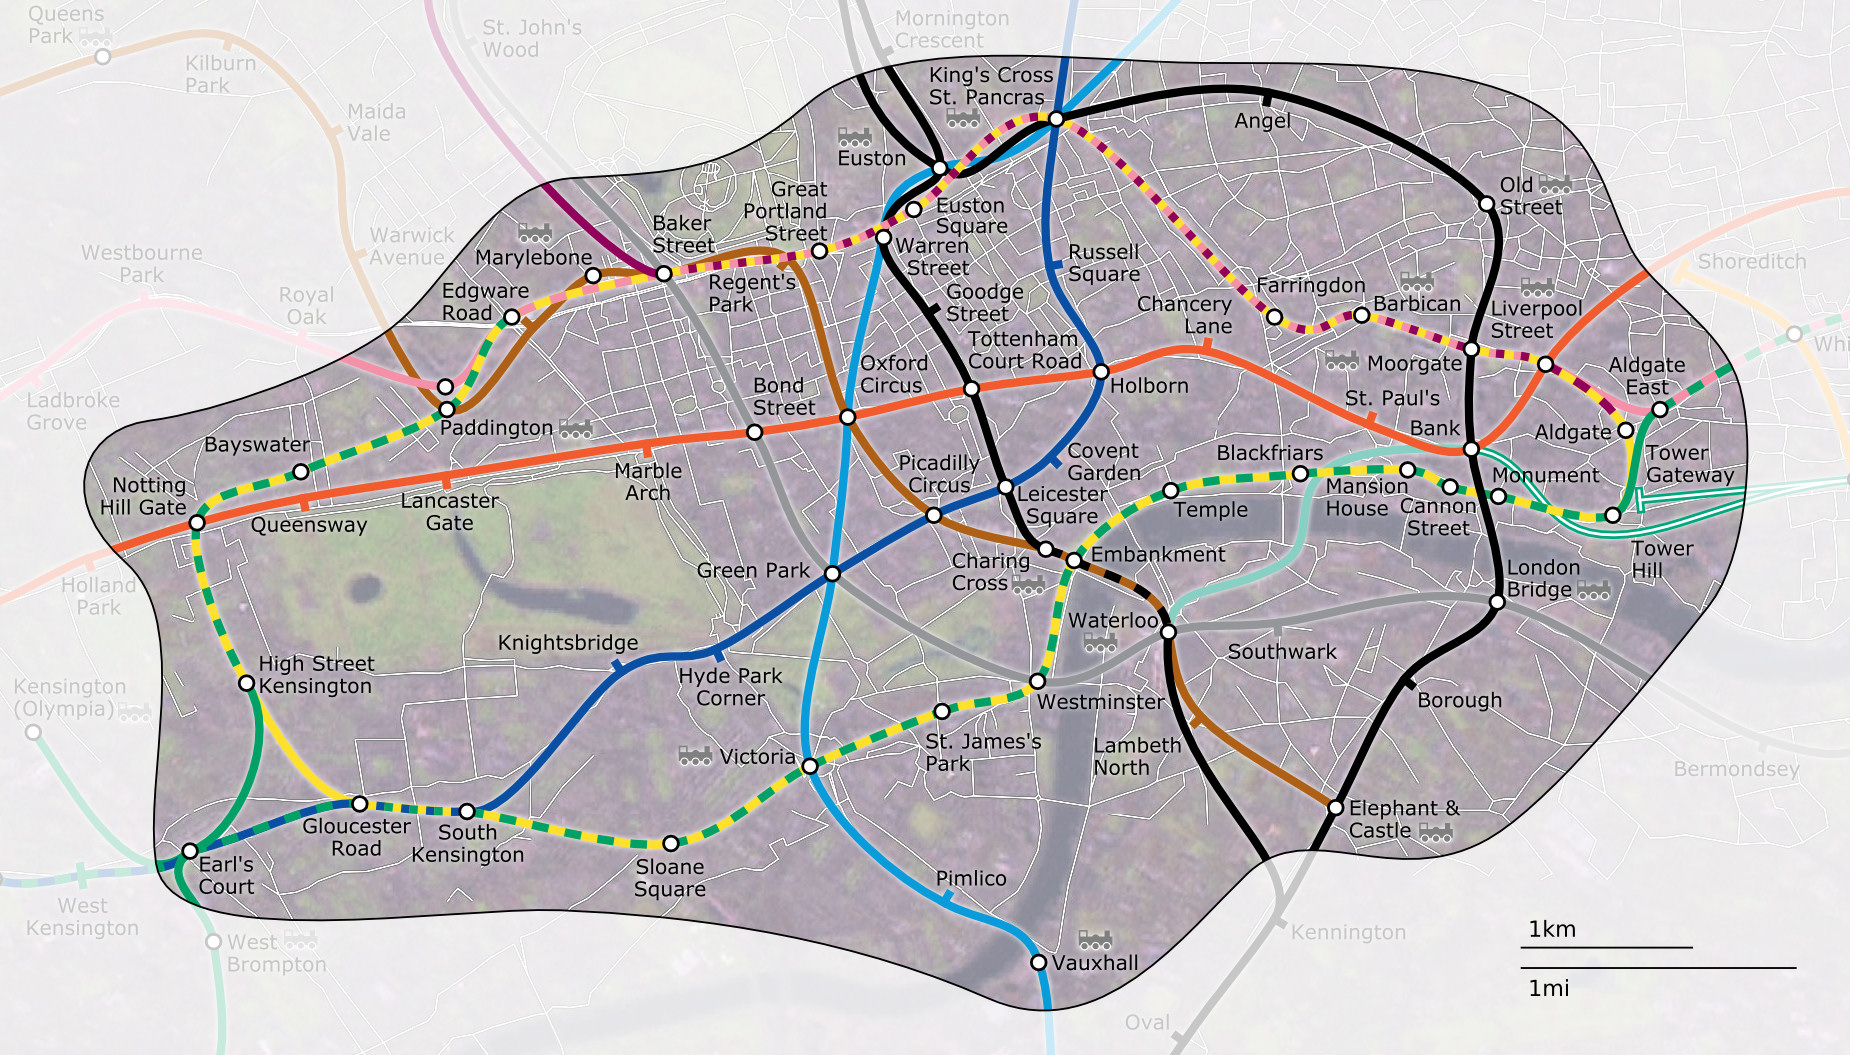 filelondon underground zone 1 with street mapjpg